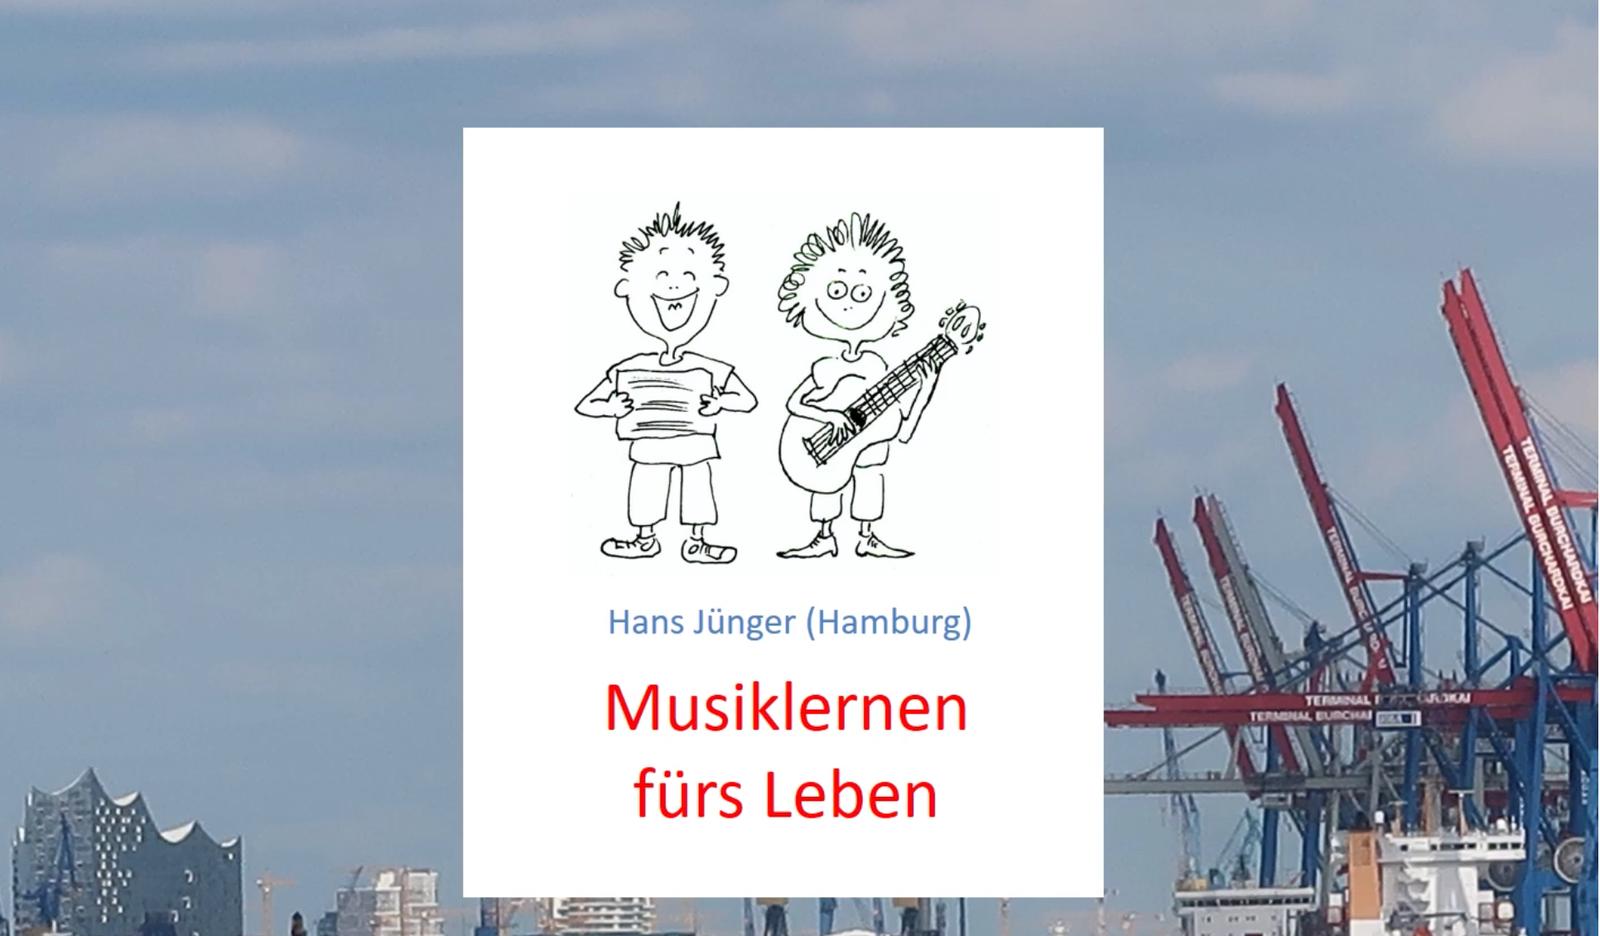 jünger - musiklernen fürs leben